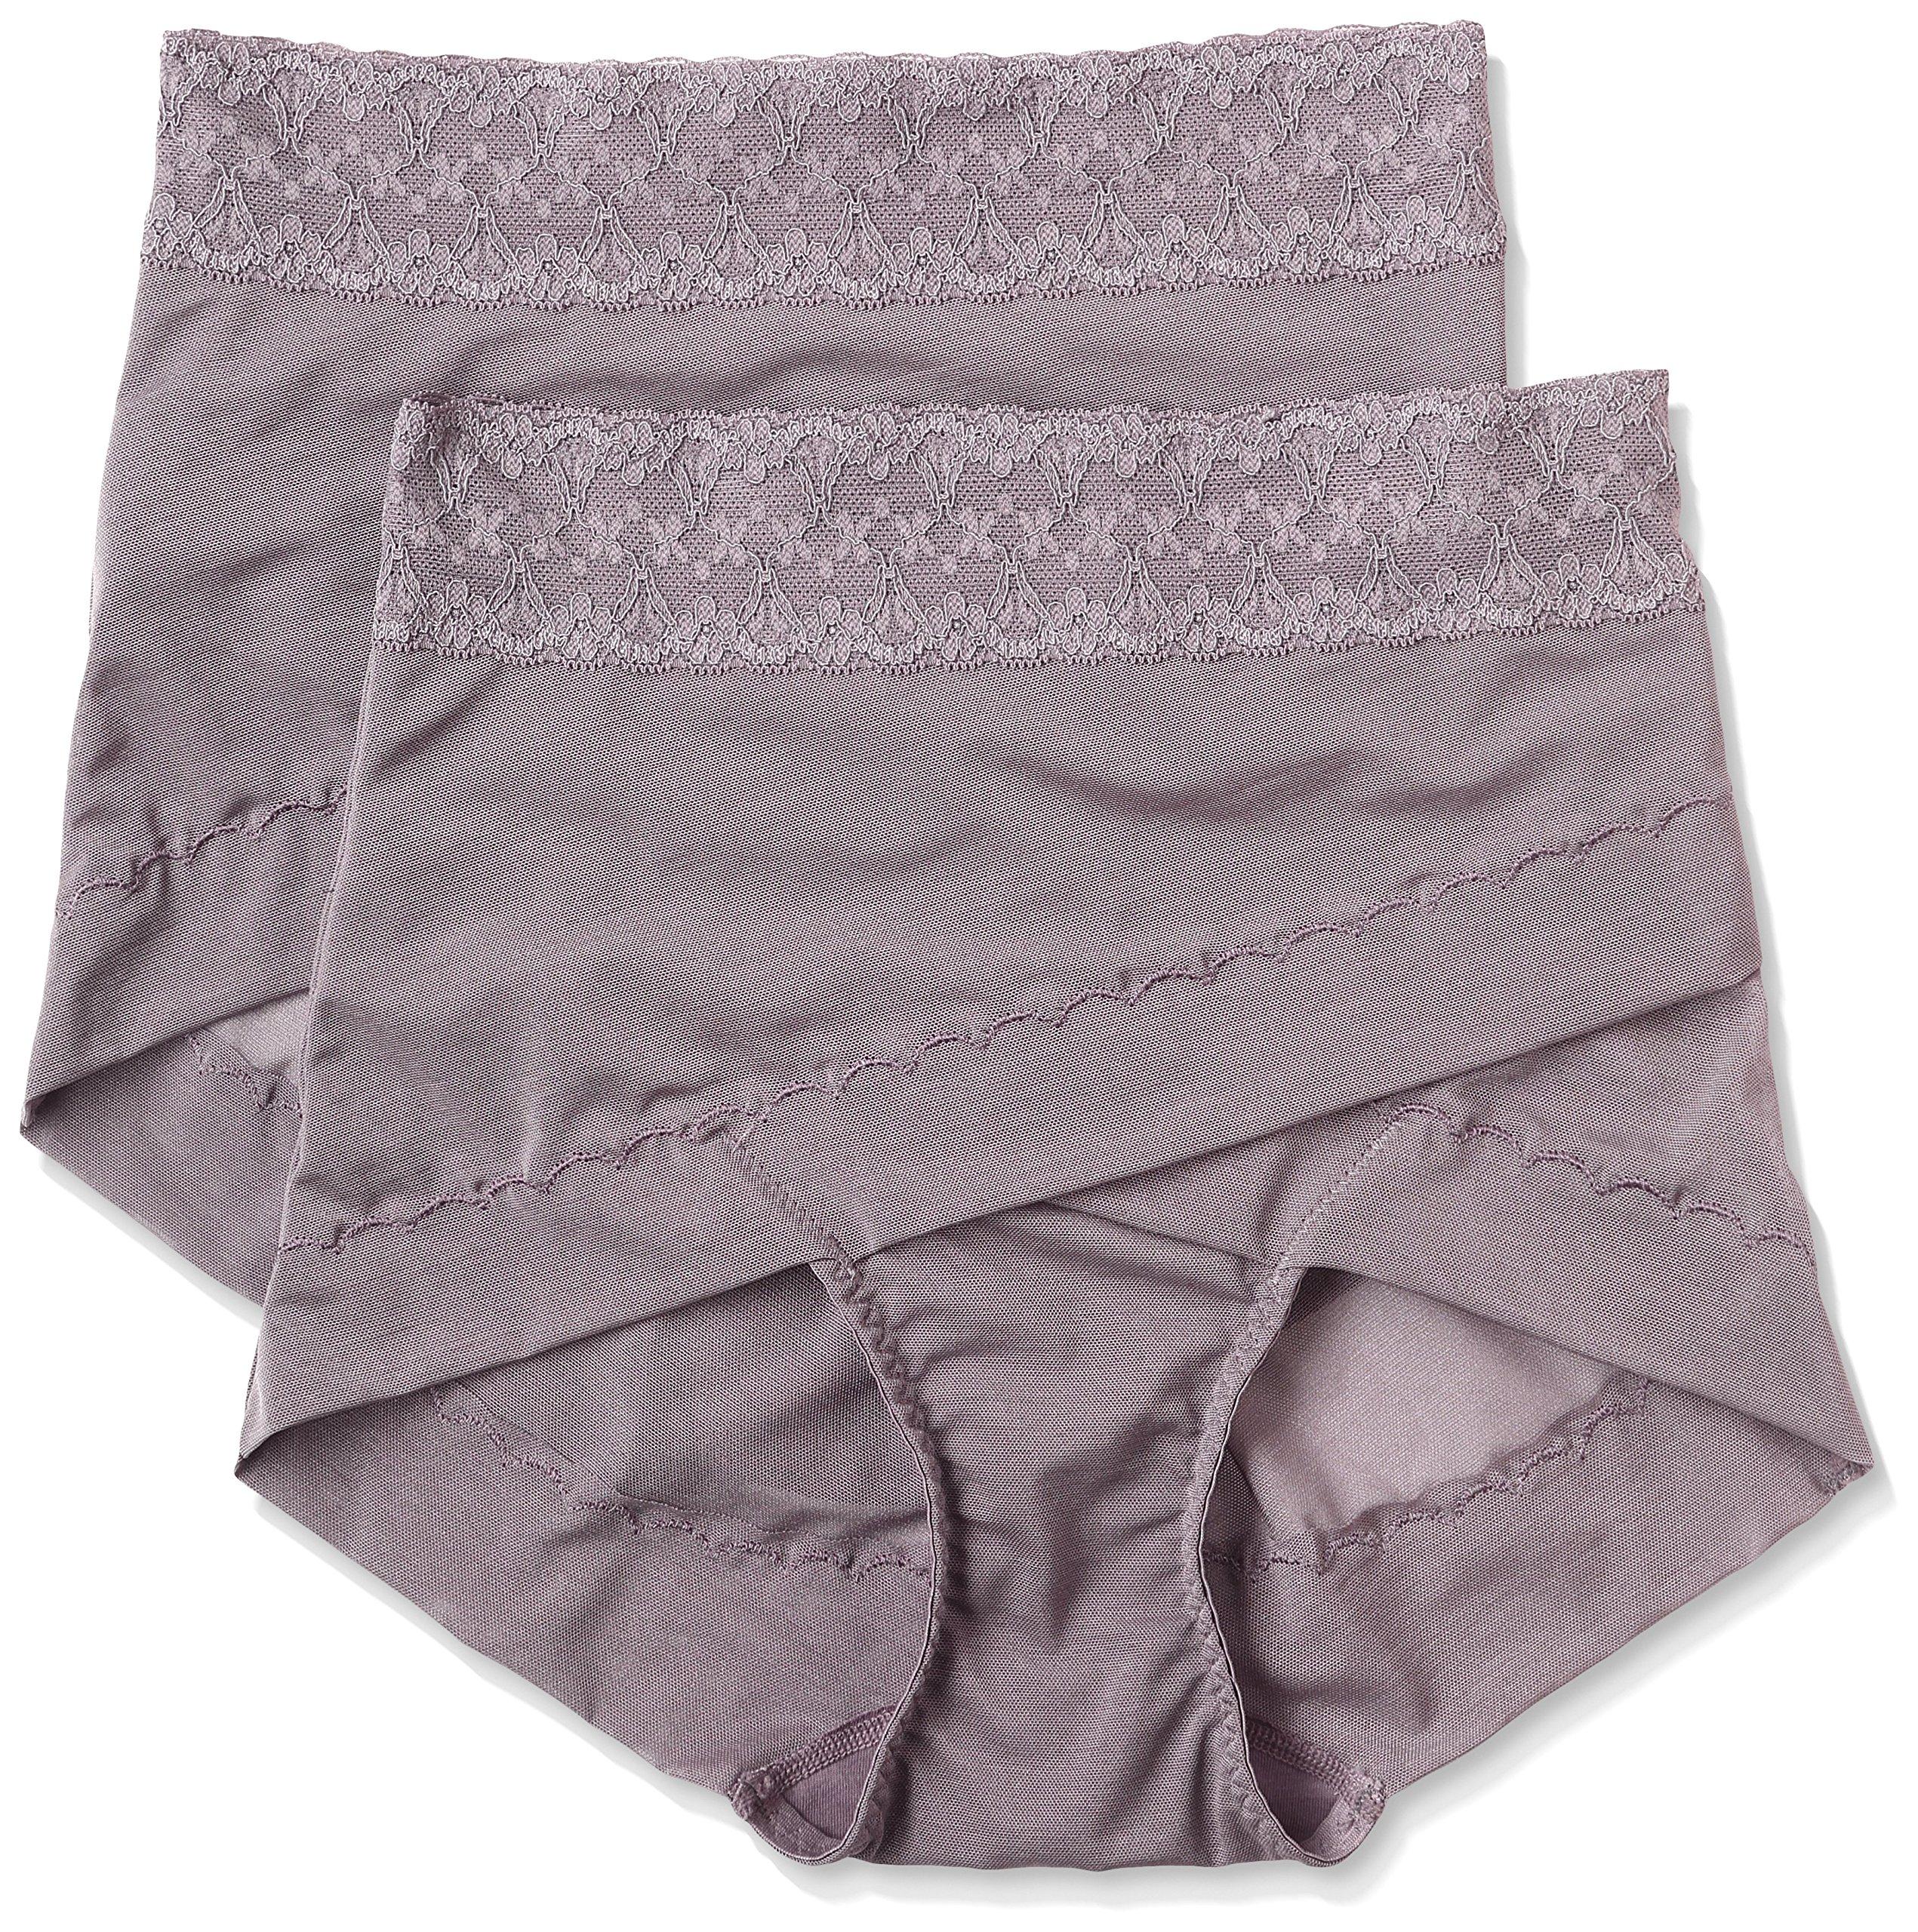 ATSUGI厚木コレクティブショーツPelvis Correction Pelvis Cross Shortsヒップ<2パック> 88227AS 162ダークブラウンLL